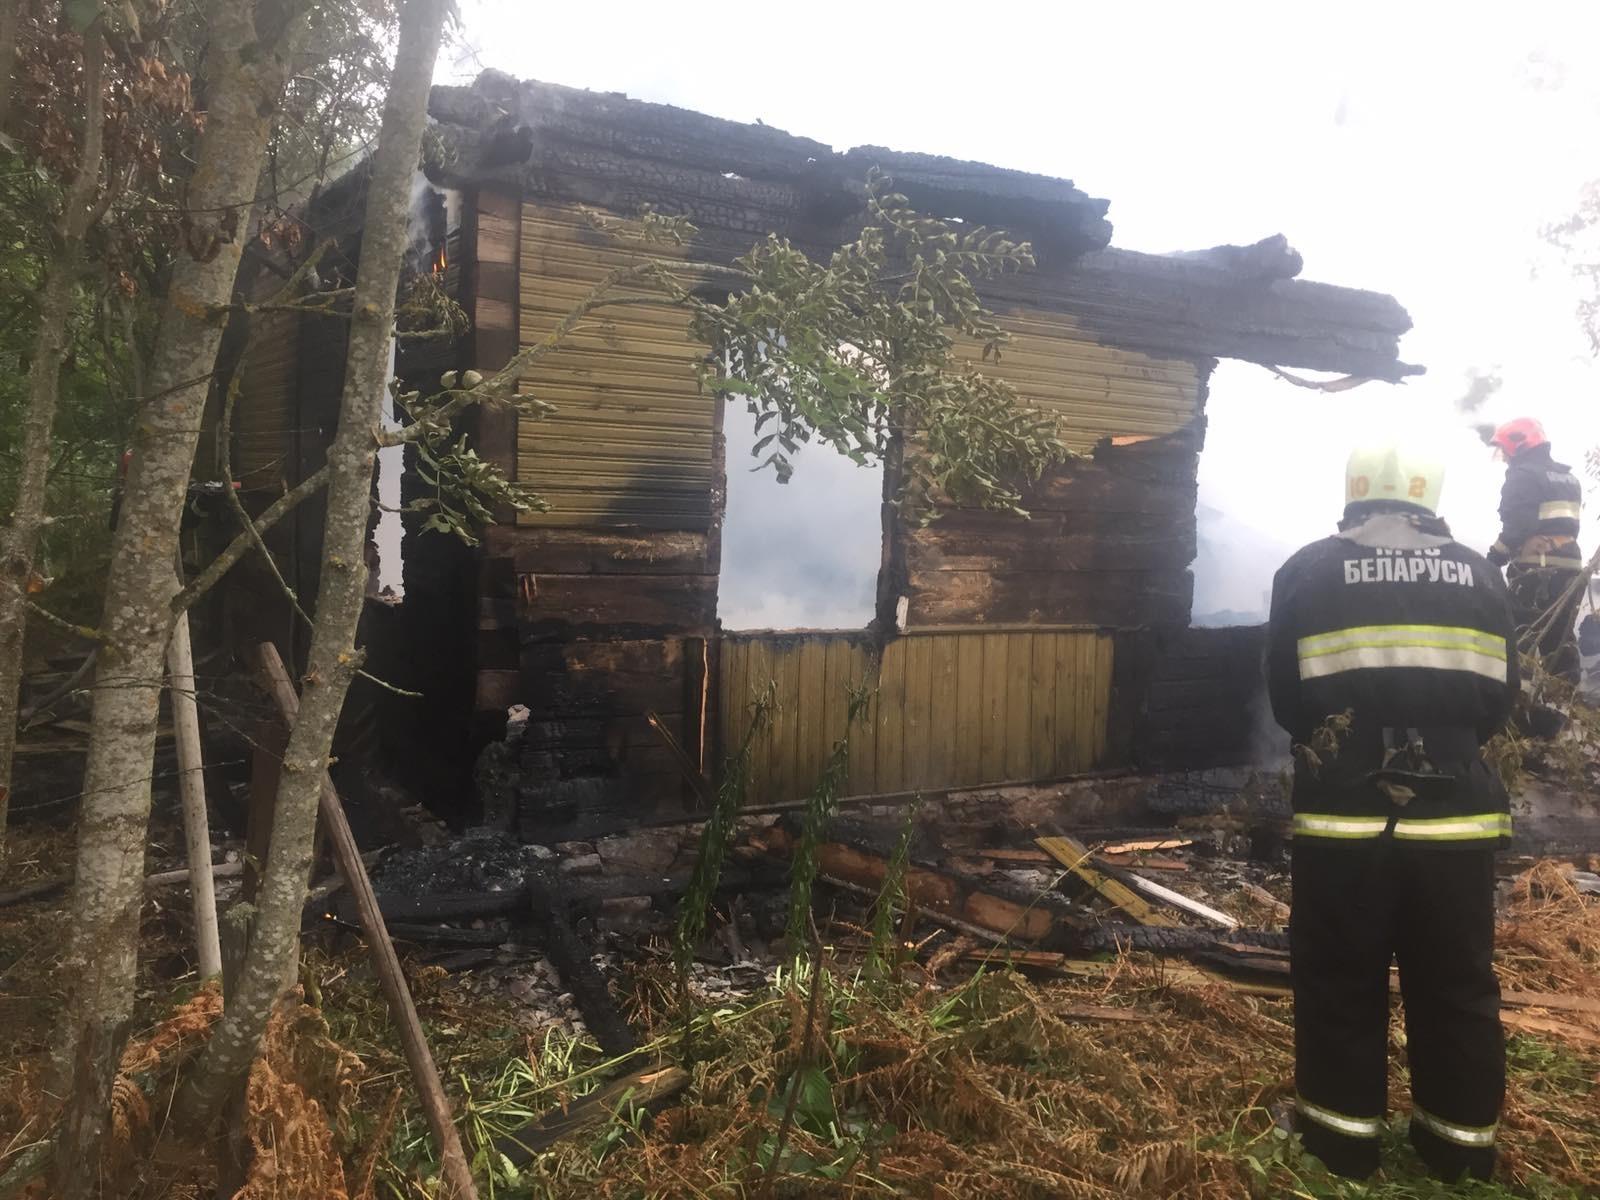 Вчера вечером в Лидском районе произошло два пожара.